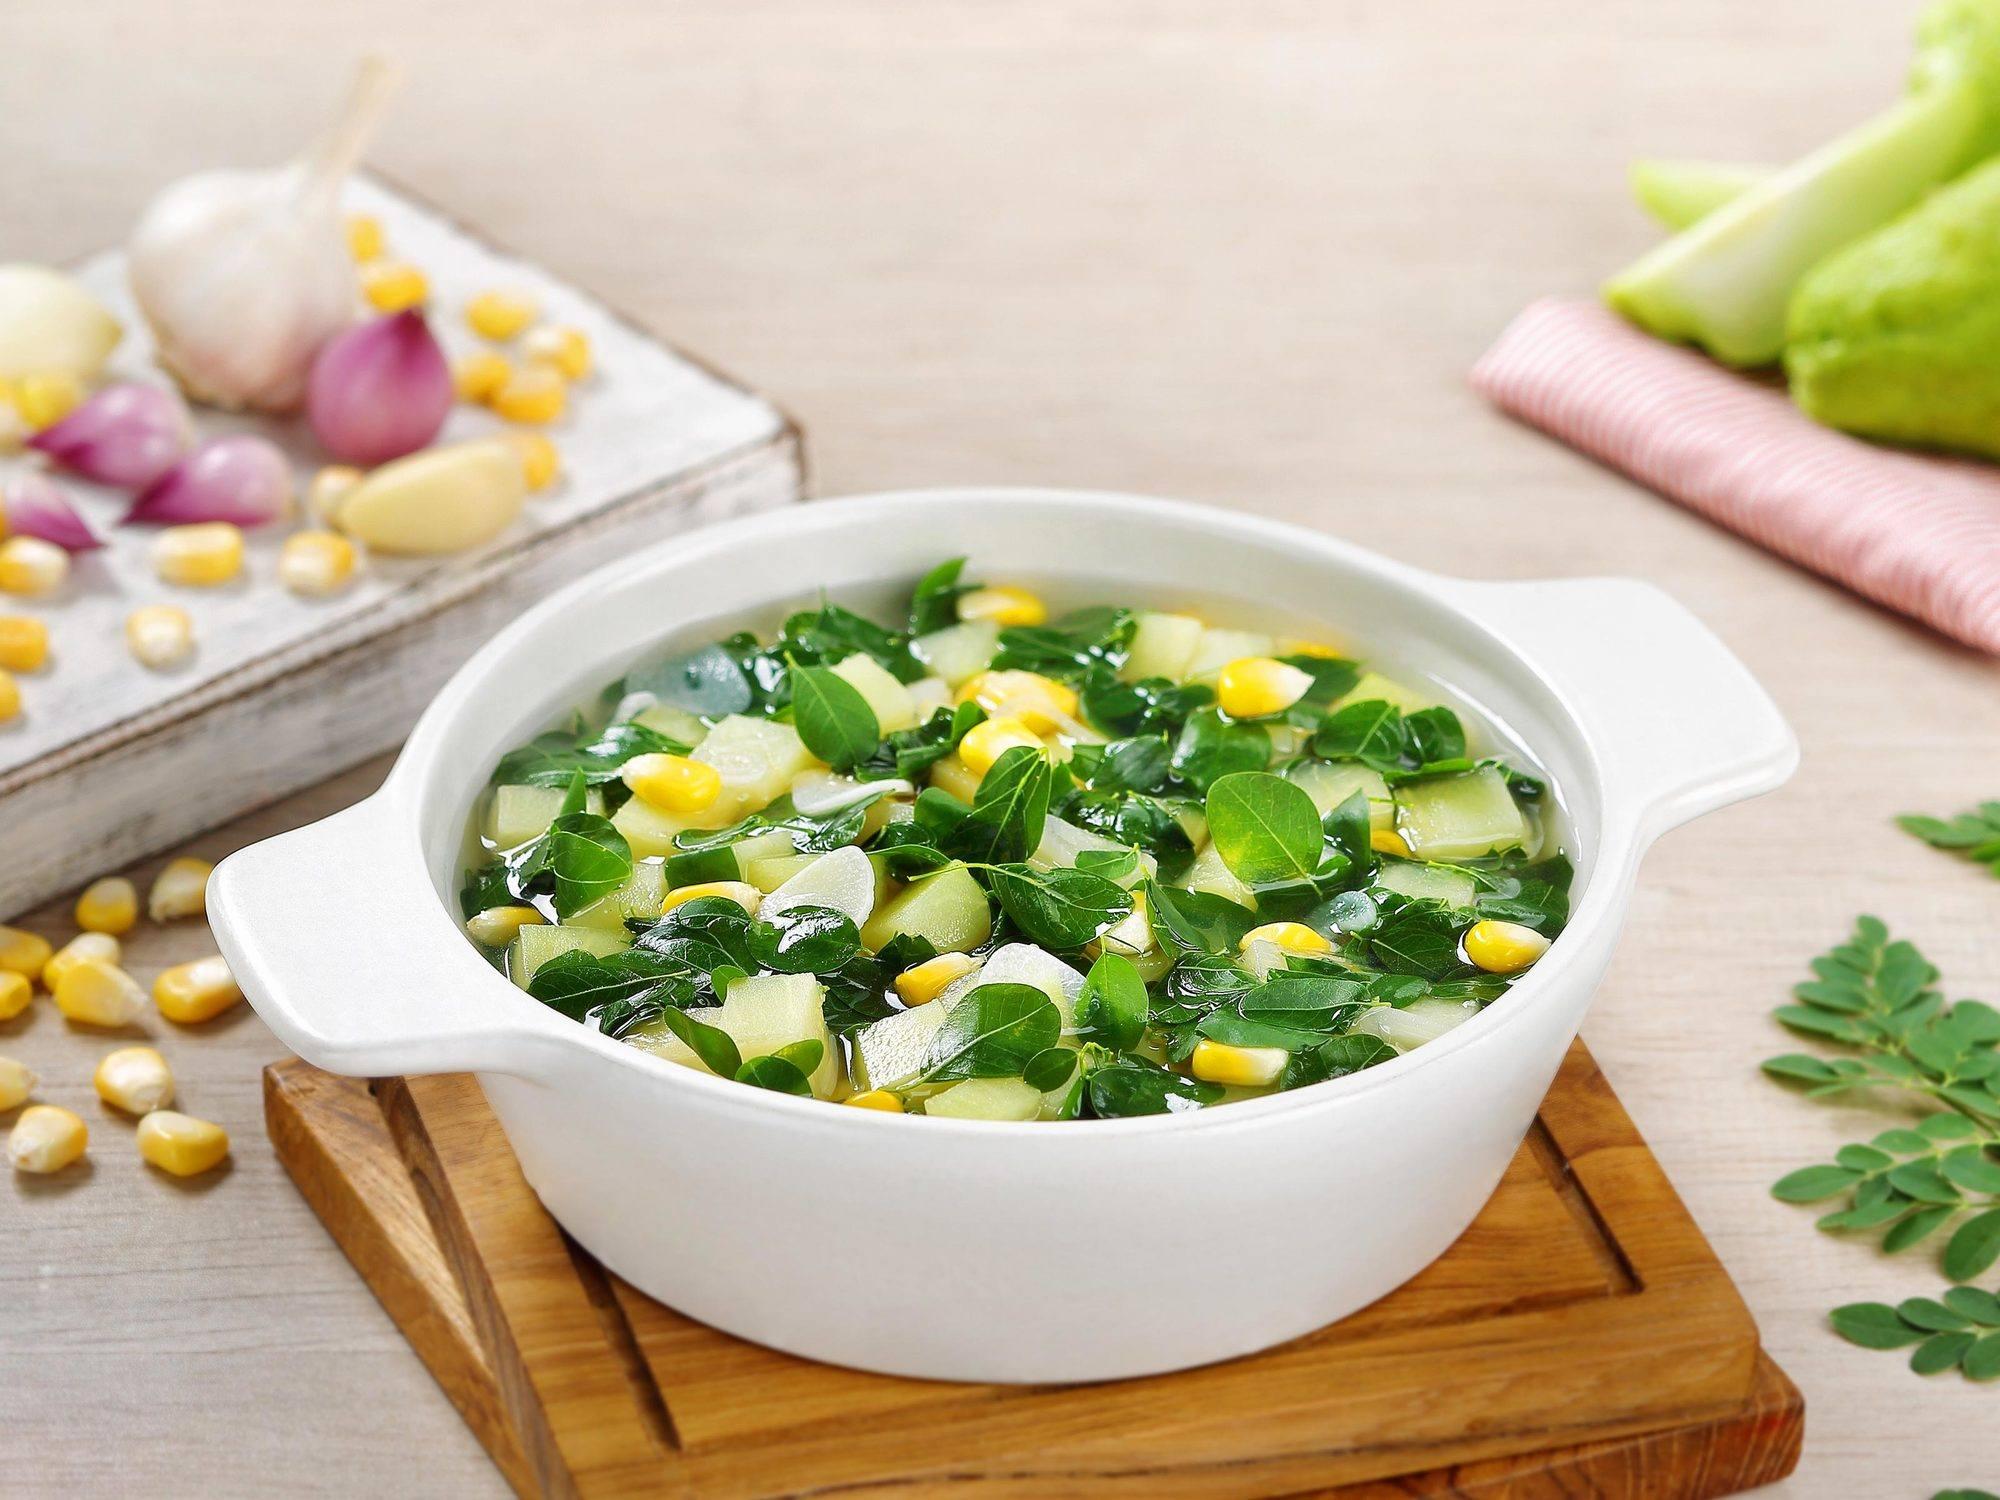 Macam-macam Sayur Bening Sehat dan Sedap